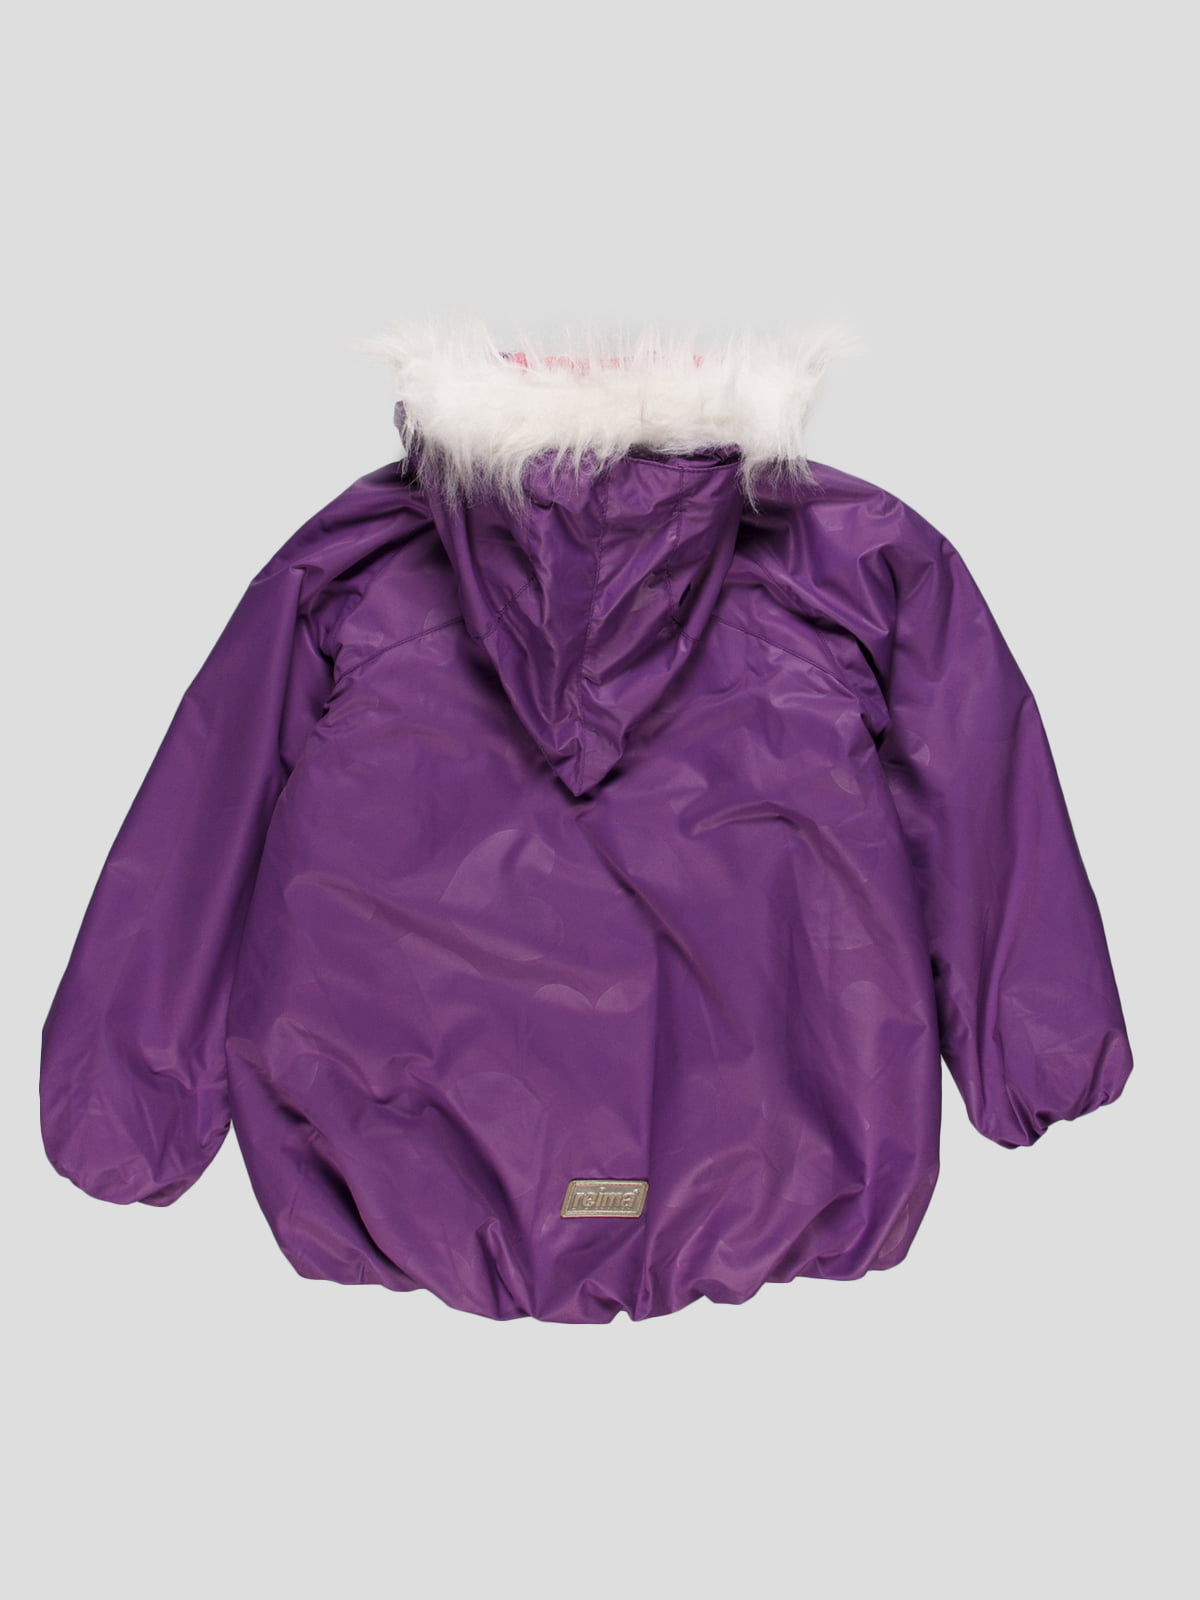 Куртка бузкова   27971   фото 2